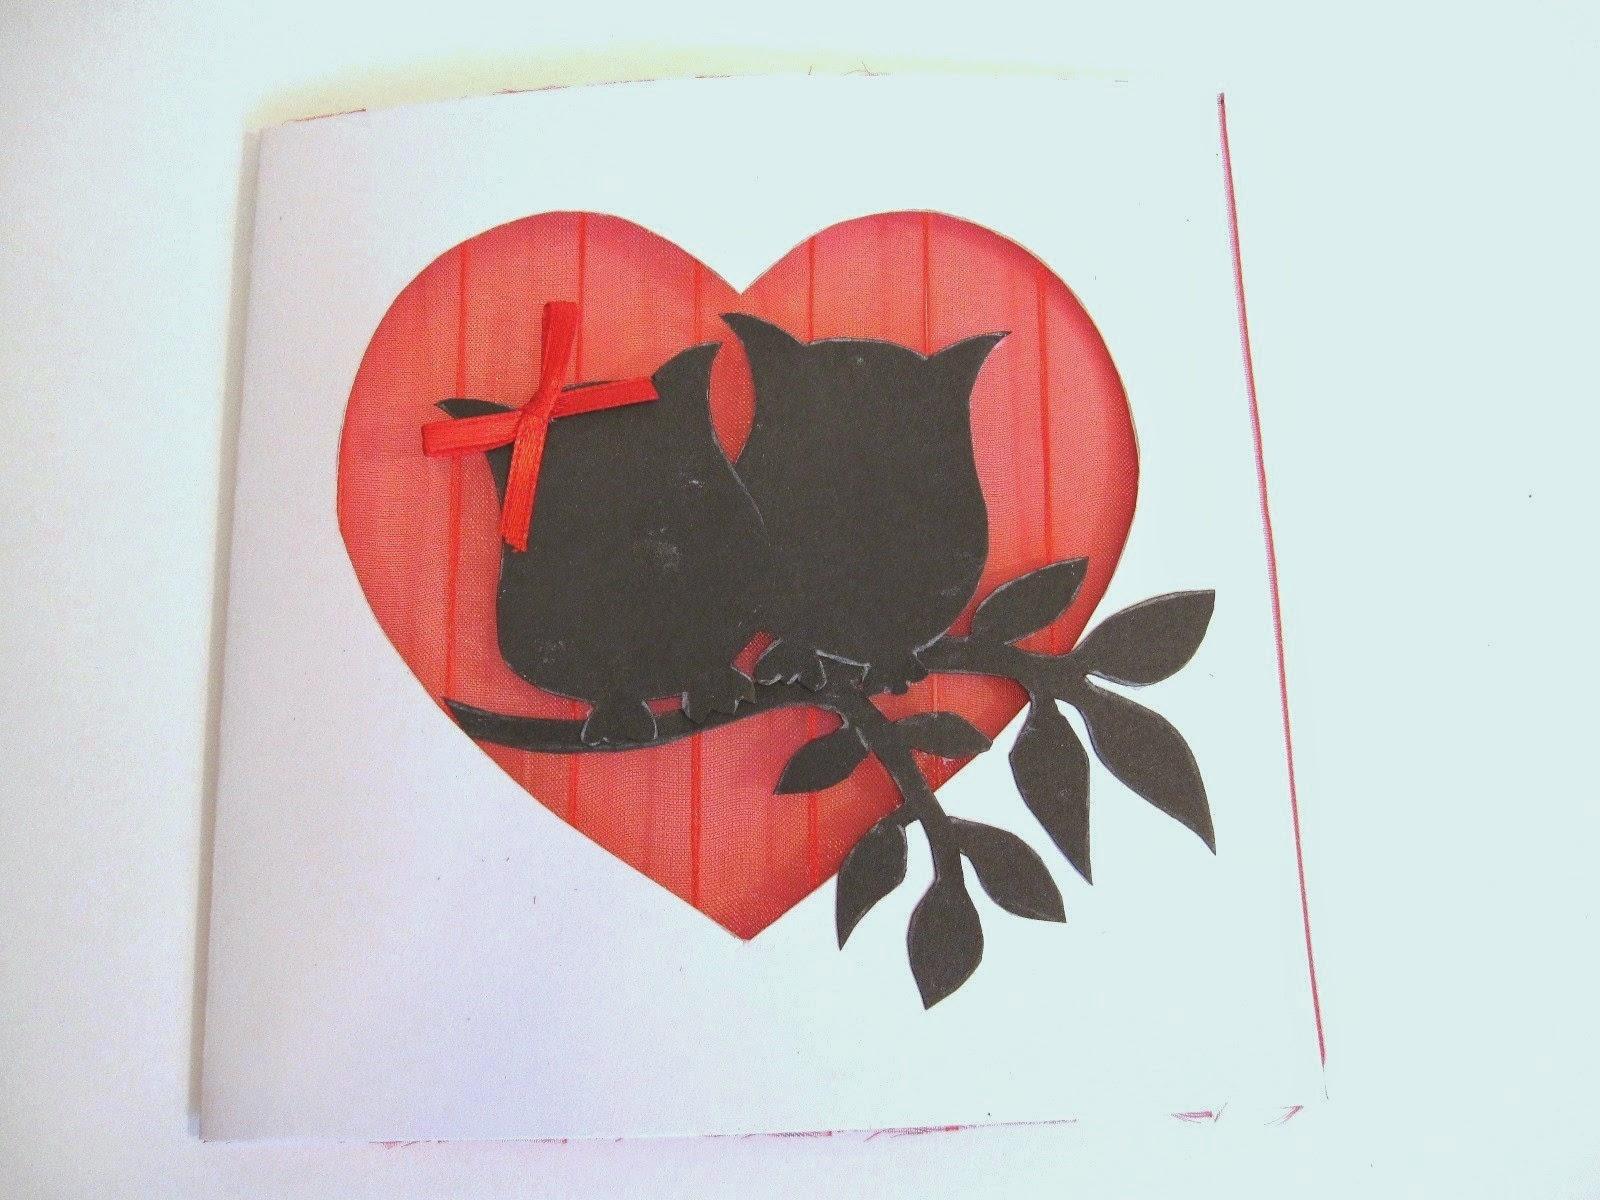 tarjeta blanca de felicitación con corazón calado con fondo de gasa roja y siluetas delante de dos búhos y rama de árbol